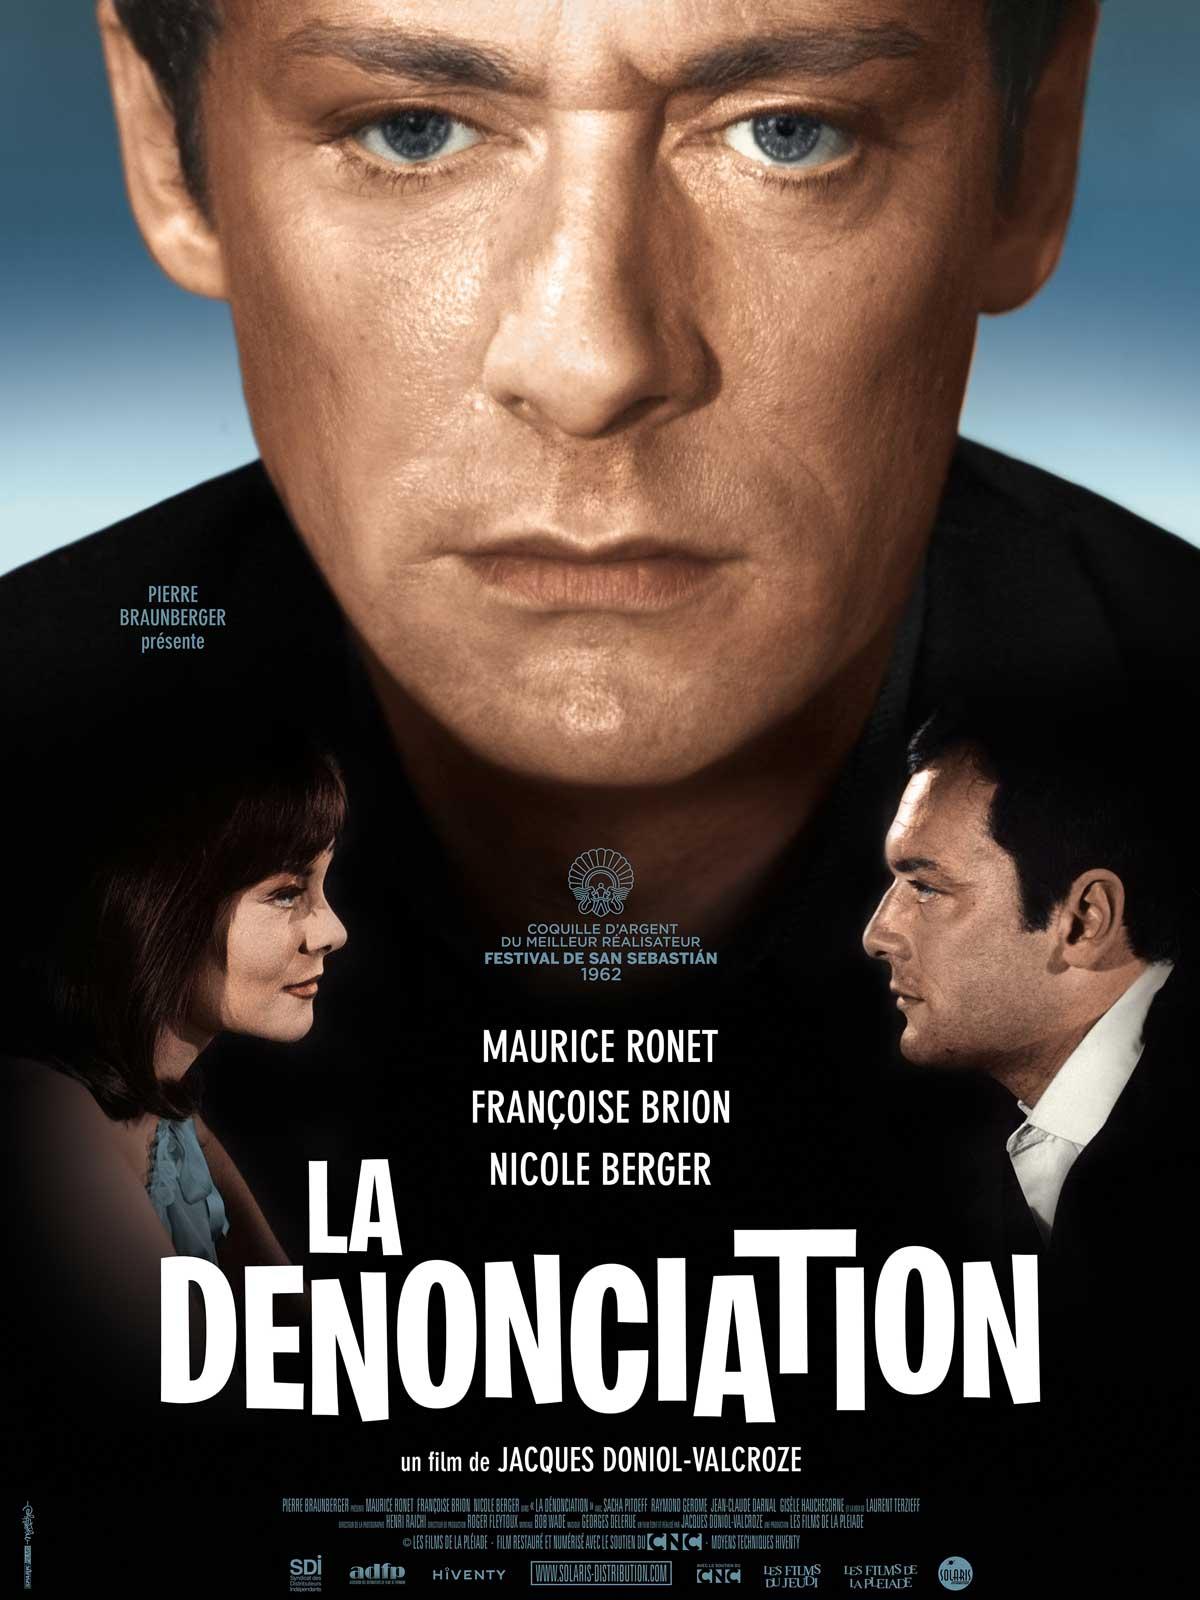 Image du film La Dénonciation